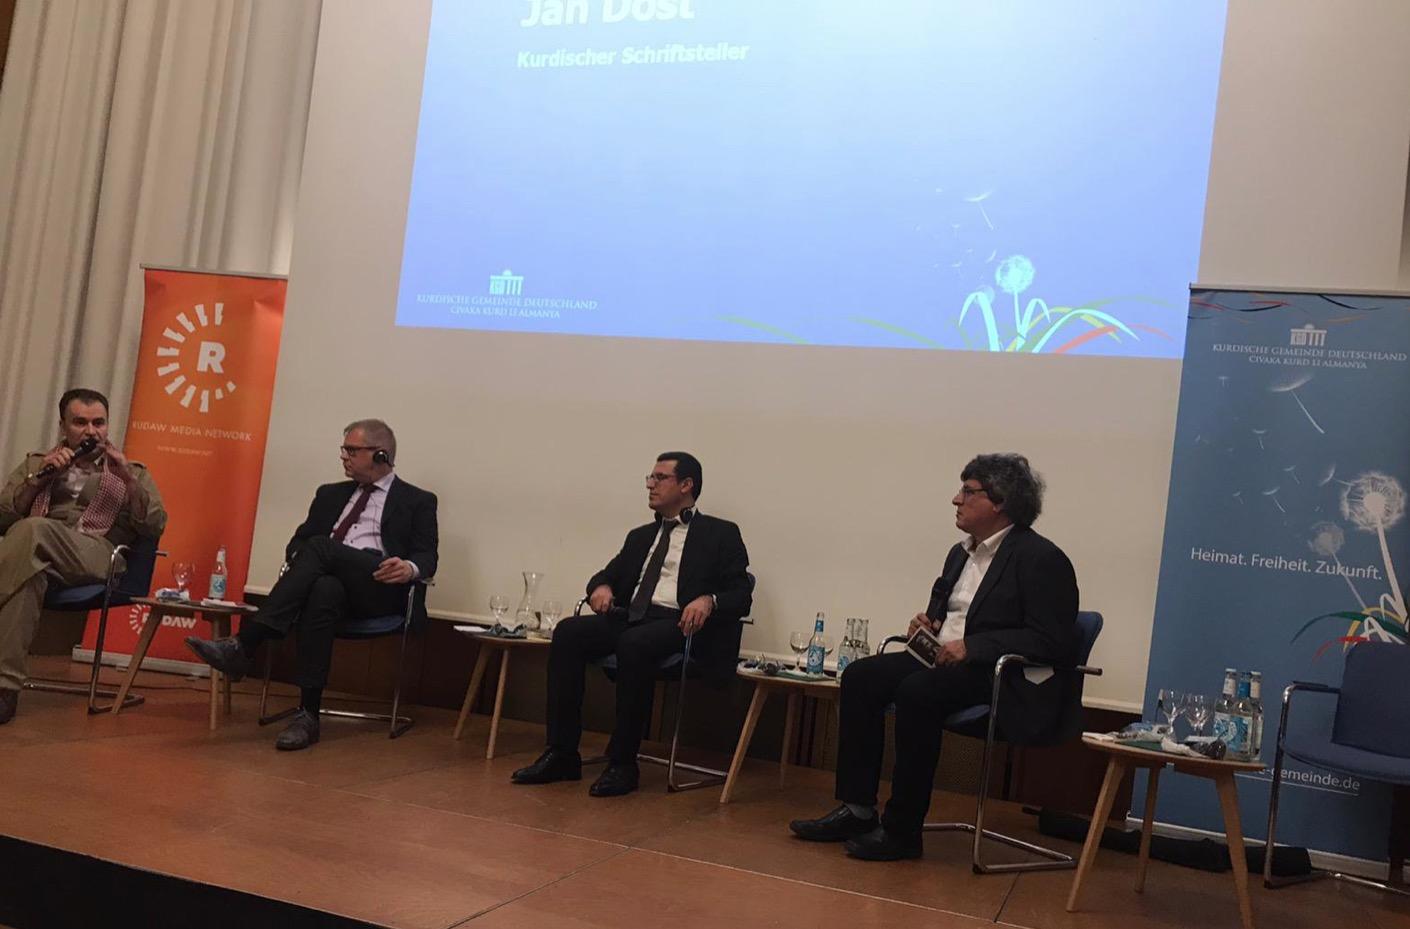 2.Diskussionspanel unter der Moderation von Husen Duzen mit den Redegästen Andreas Büttner (Staatssekretär a.d. Brandenburg), Braven Hamdi Hussein (Vizeminister Ministerium für Märtyrer und Anfal-Angelegenheiten KRG) und Jan Dost (Kurdischer Schriftsteller)